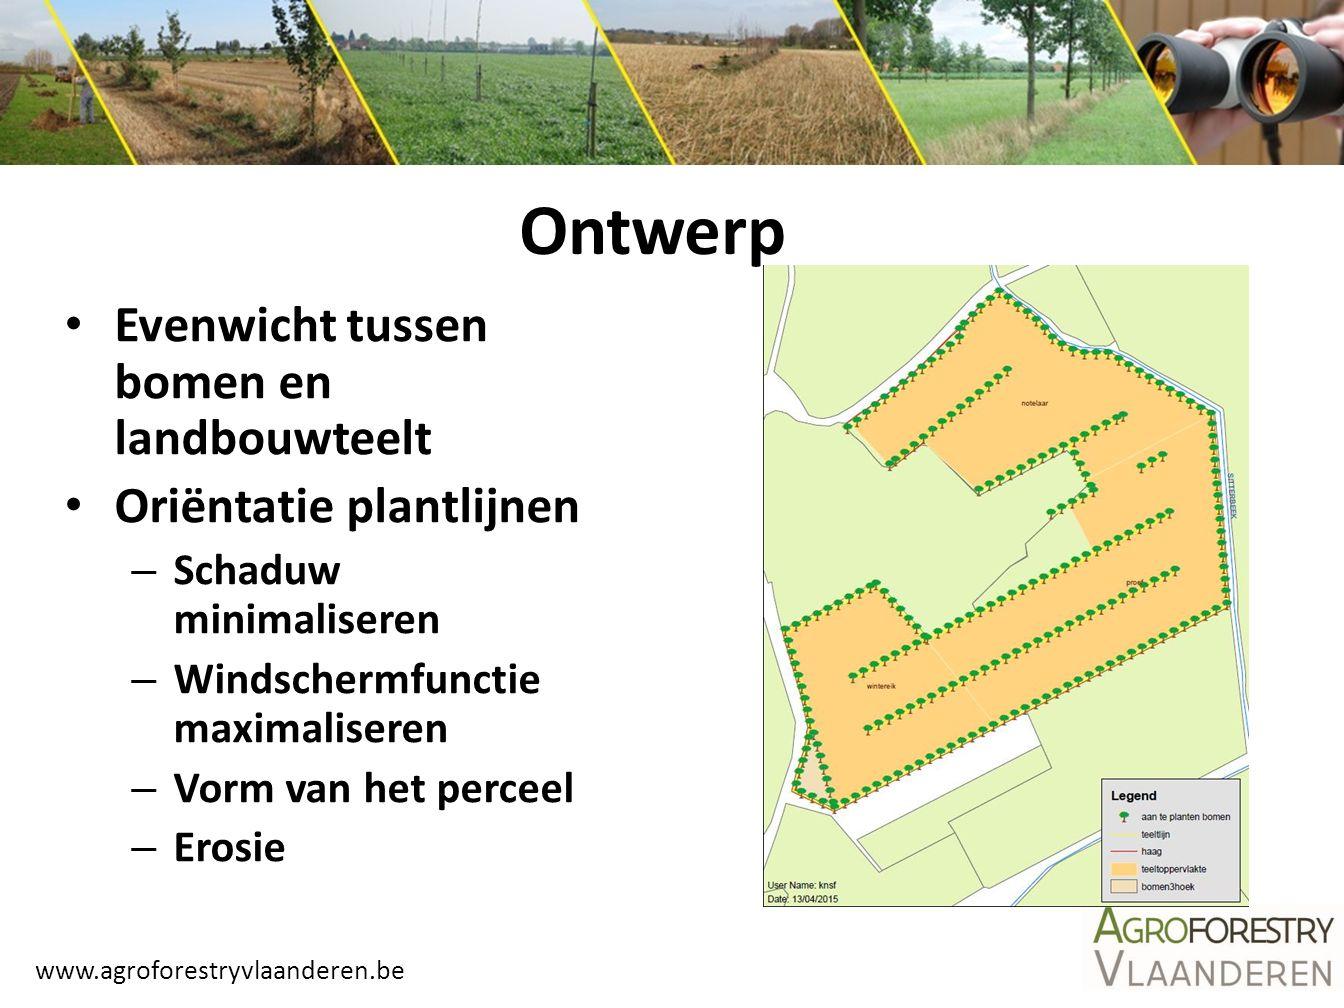 www.agroforestryvlaanderen.be Evenwicht tussen bomen en landbouwteelt Oriëntatie plantlijnen – Schaduw minimaliseren – Windschermfunctie maximaliseren